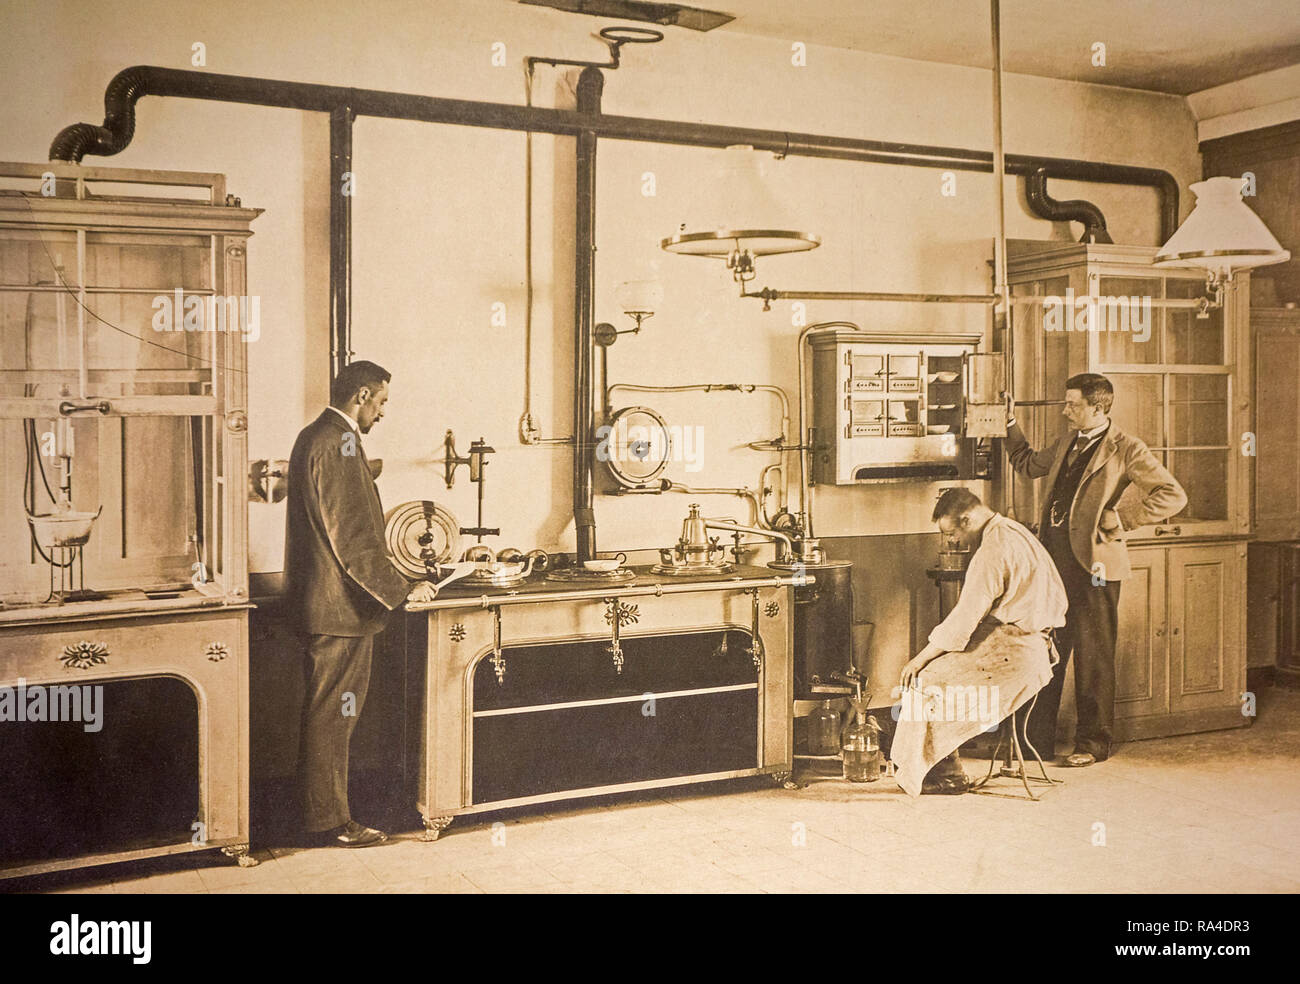 Anfang des zwanzigsten Jahrhunderts Archivierung Foto von Wissenschaftler und Polizei Besichtiger, die in der forensischen Labor auf der Suche nach Verbrechen Beweise Stockbild